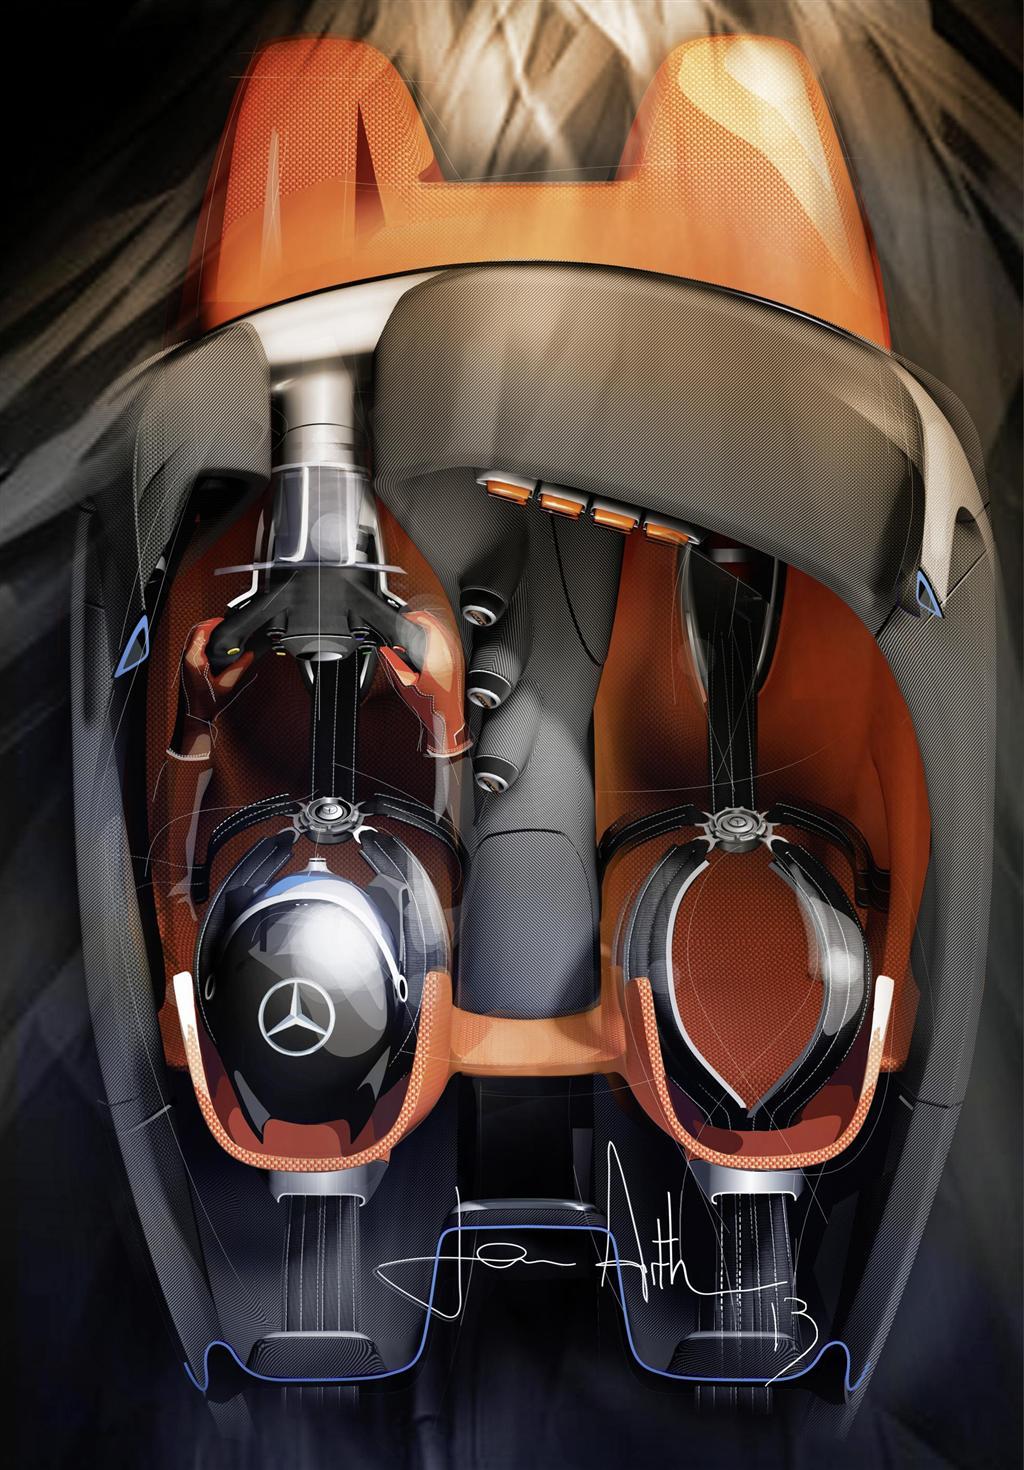 2013 Mercedes Benz AMG Vision Gran Turismo Concept